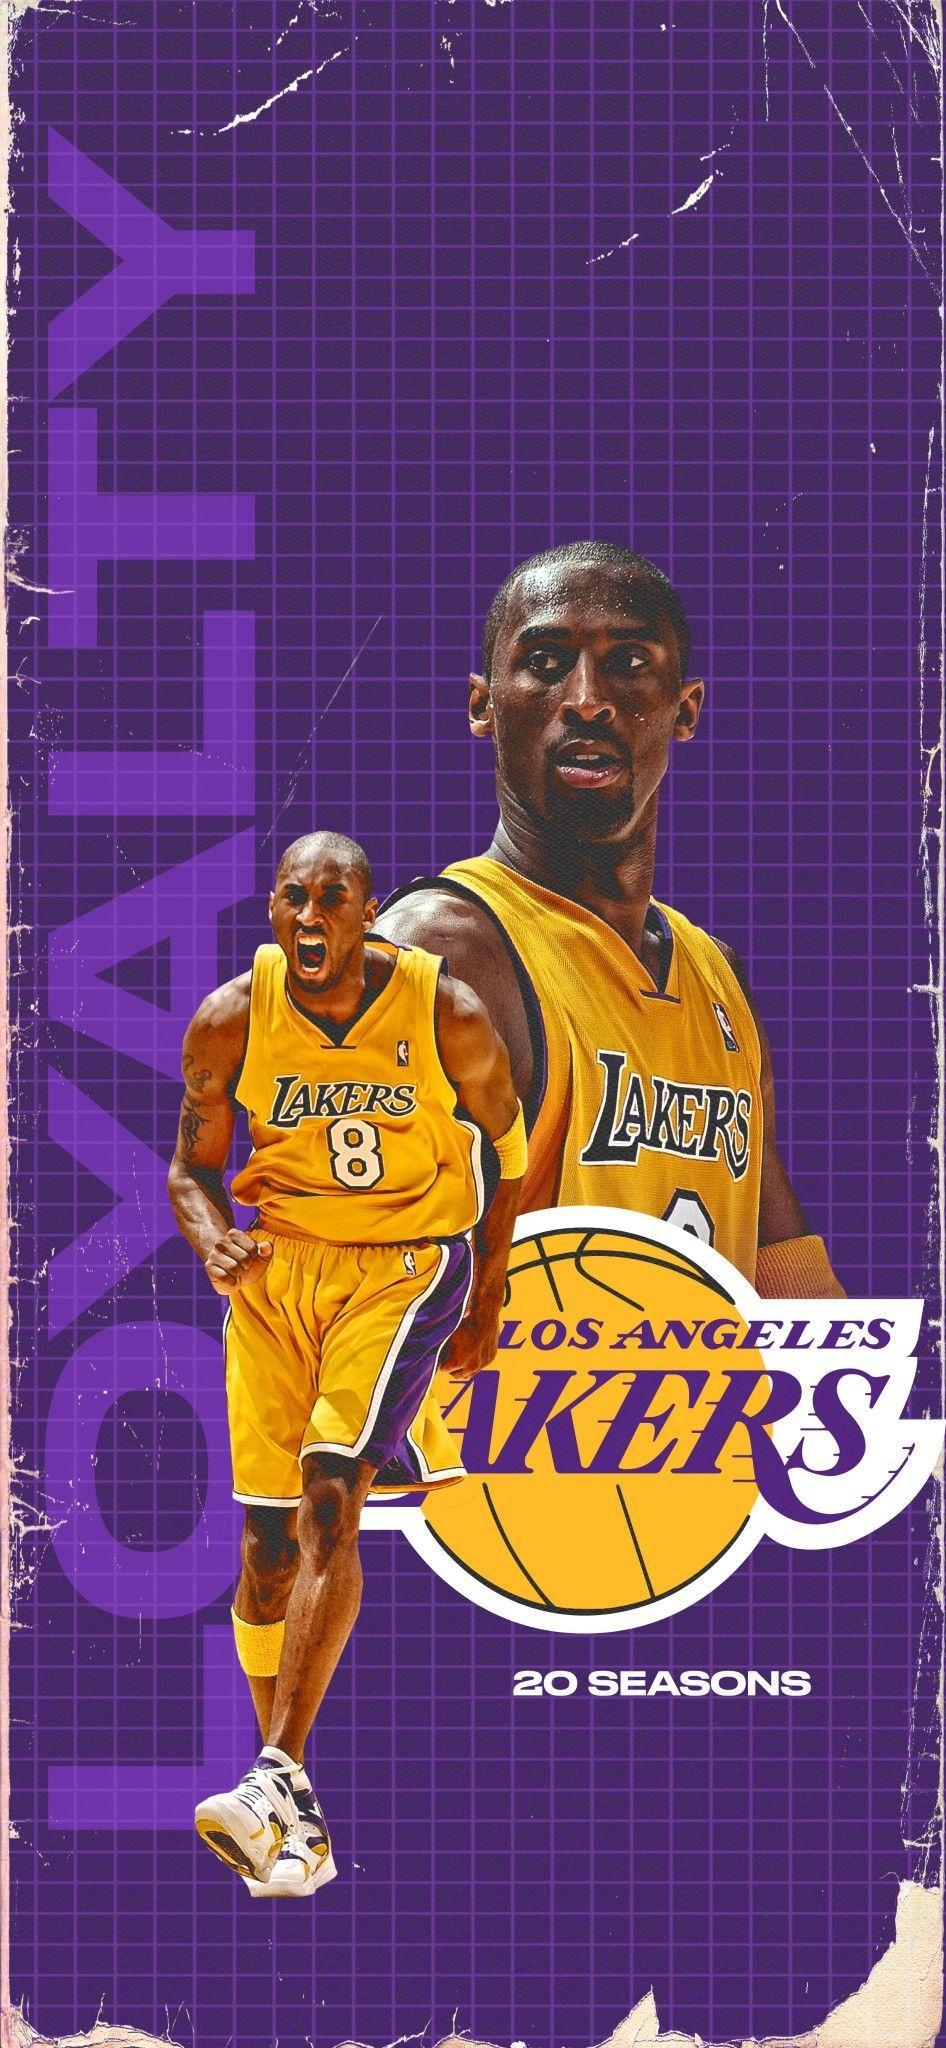 Wallpaper Kobe Bryant 20 Seasons Bryant Kobe Kobe Bryant Kobe Bryant Black Mamba Kobe Bryan Kobe Bryant Wallpaper Kobe Bryant Poster Kobe Bryant Pictures